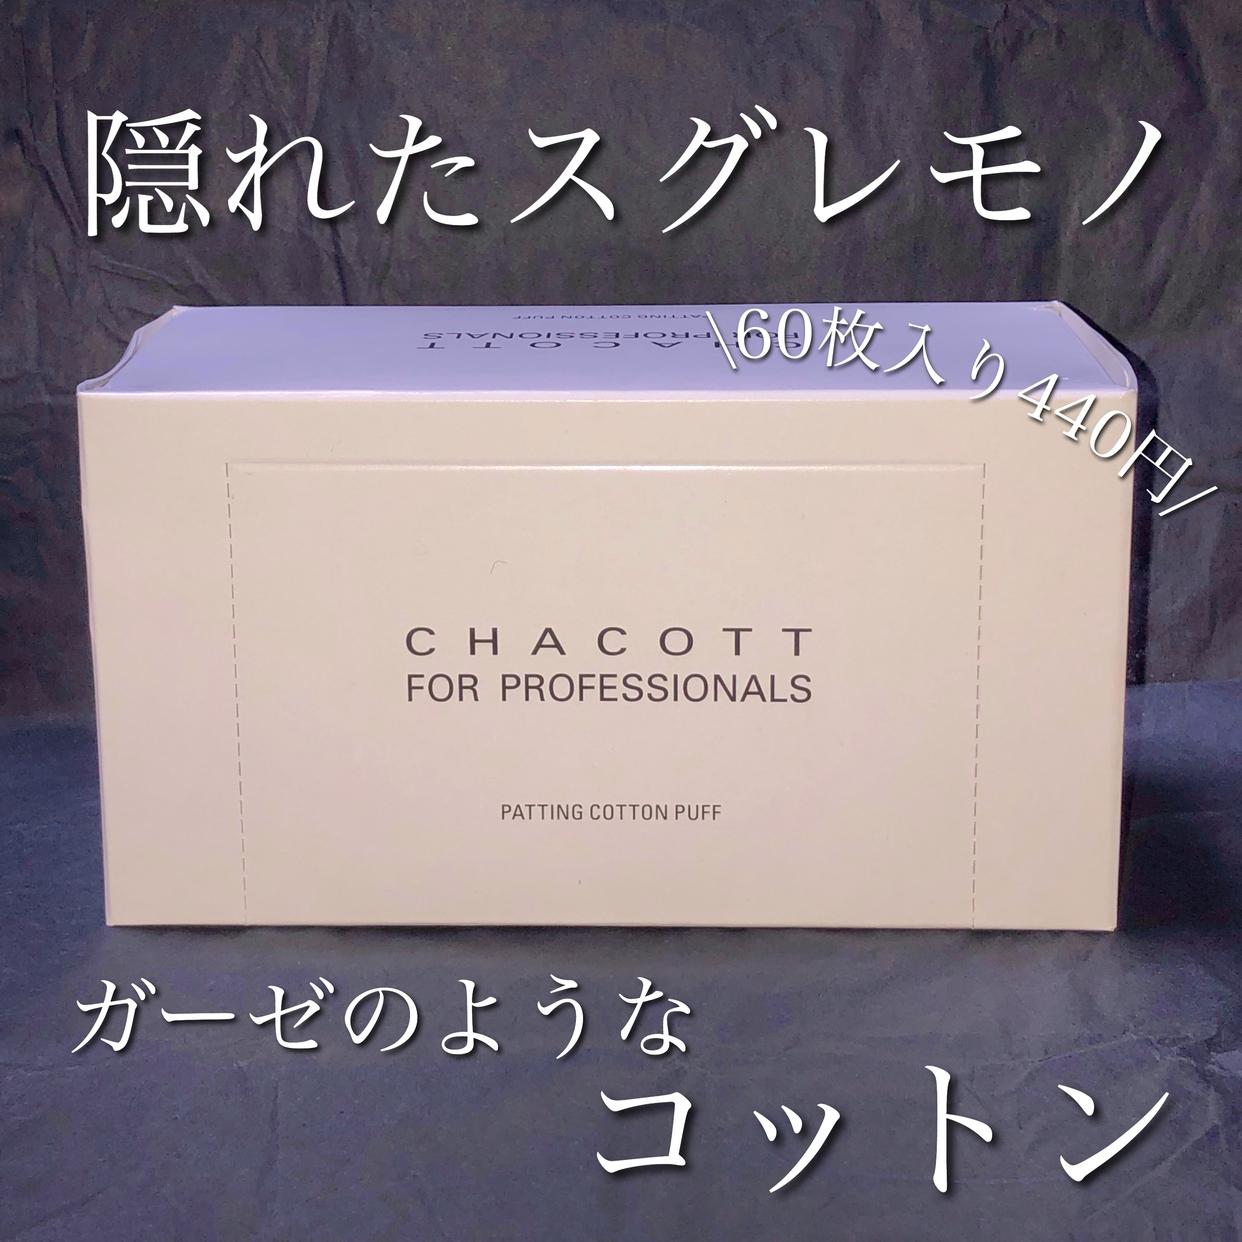 CHACOTT FOR PROFESSIONALS(チャコット フォー プロフェッショナルズ)パッティングコットンパフを使ったriiiiiさんのクチコミ画像1